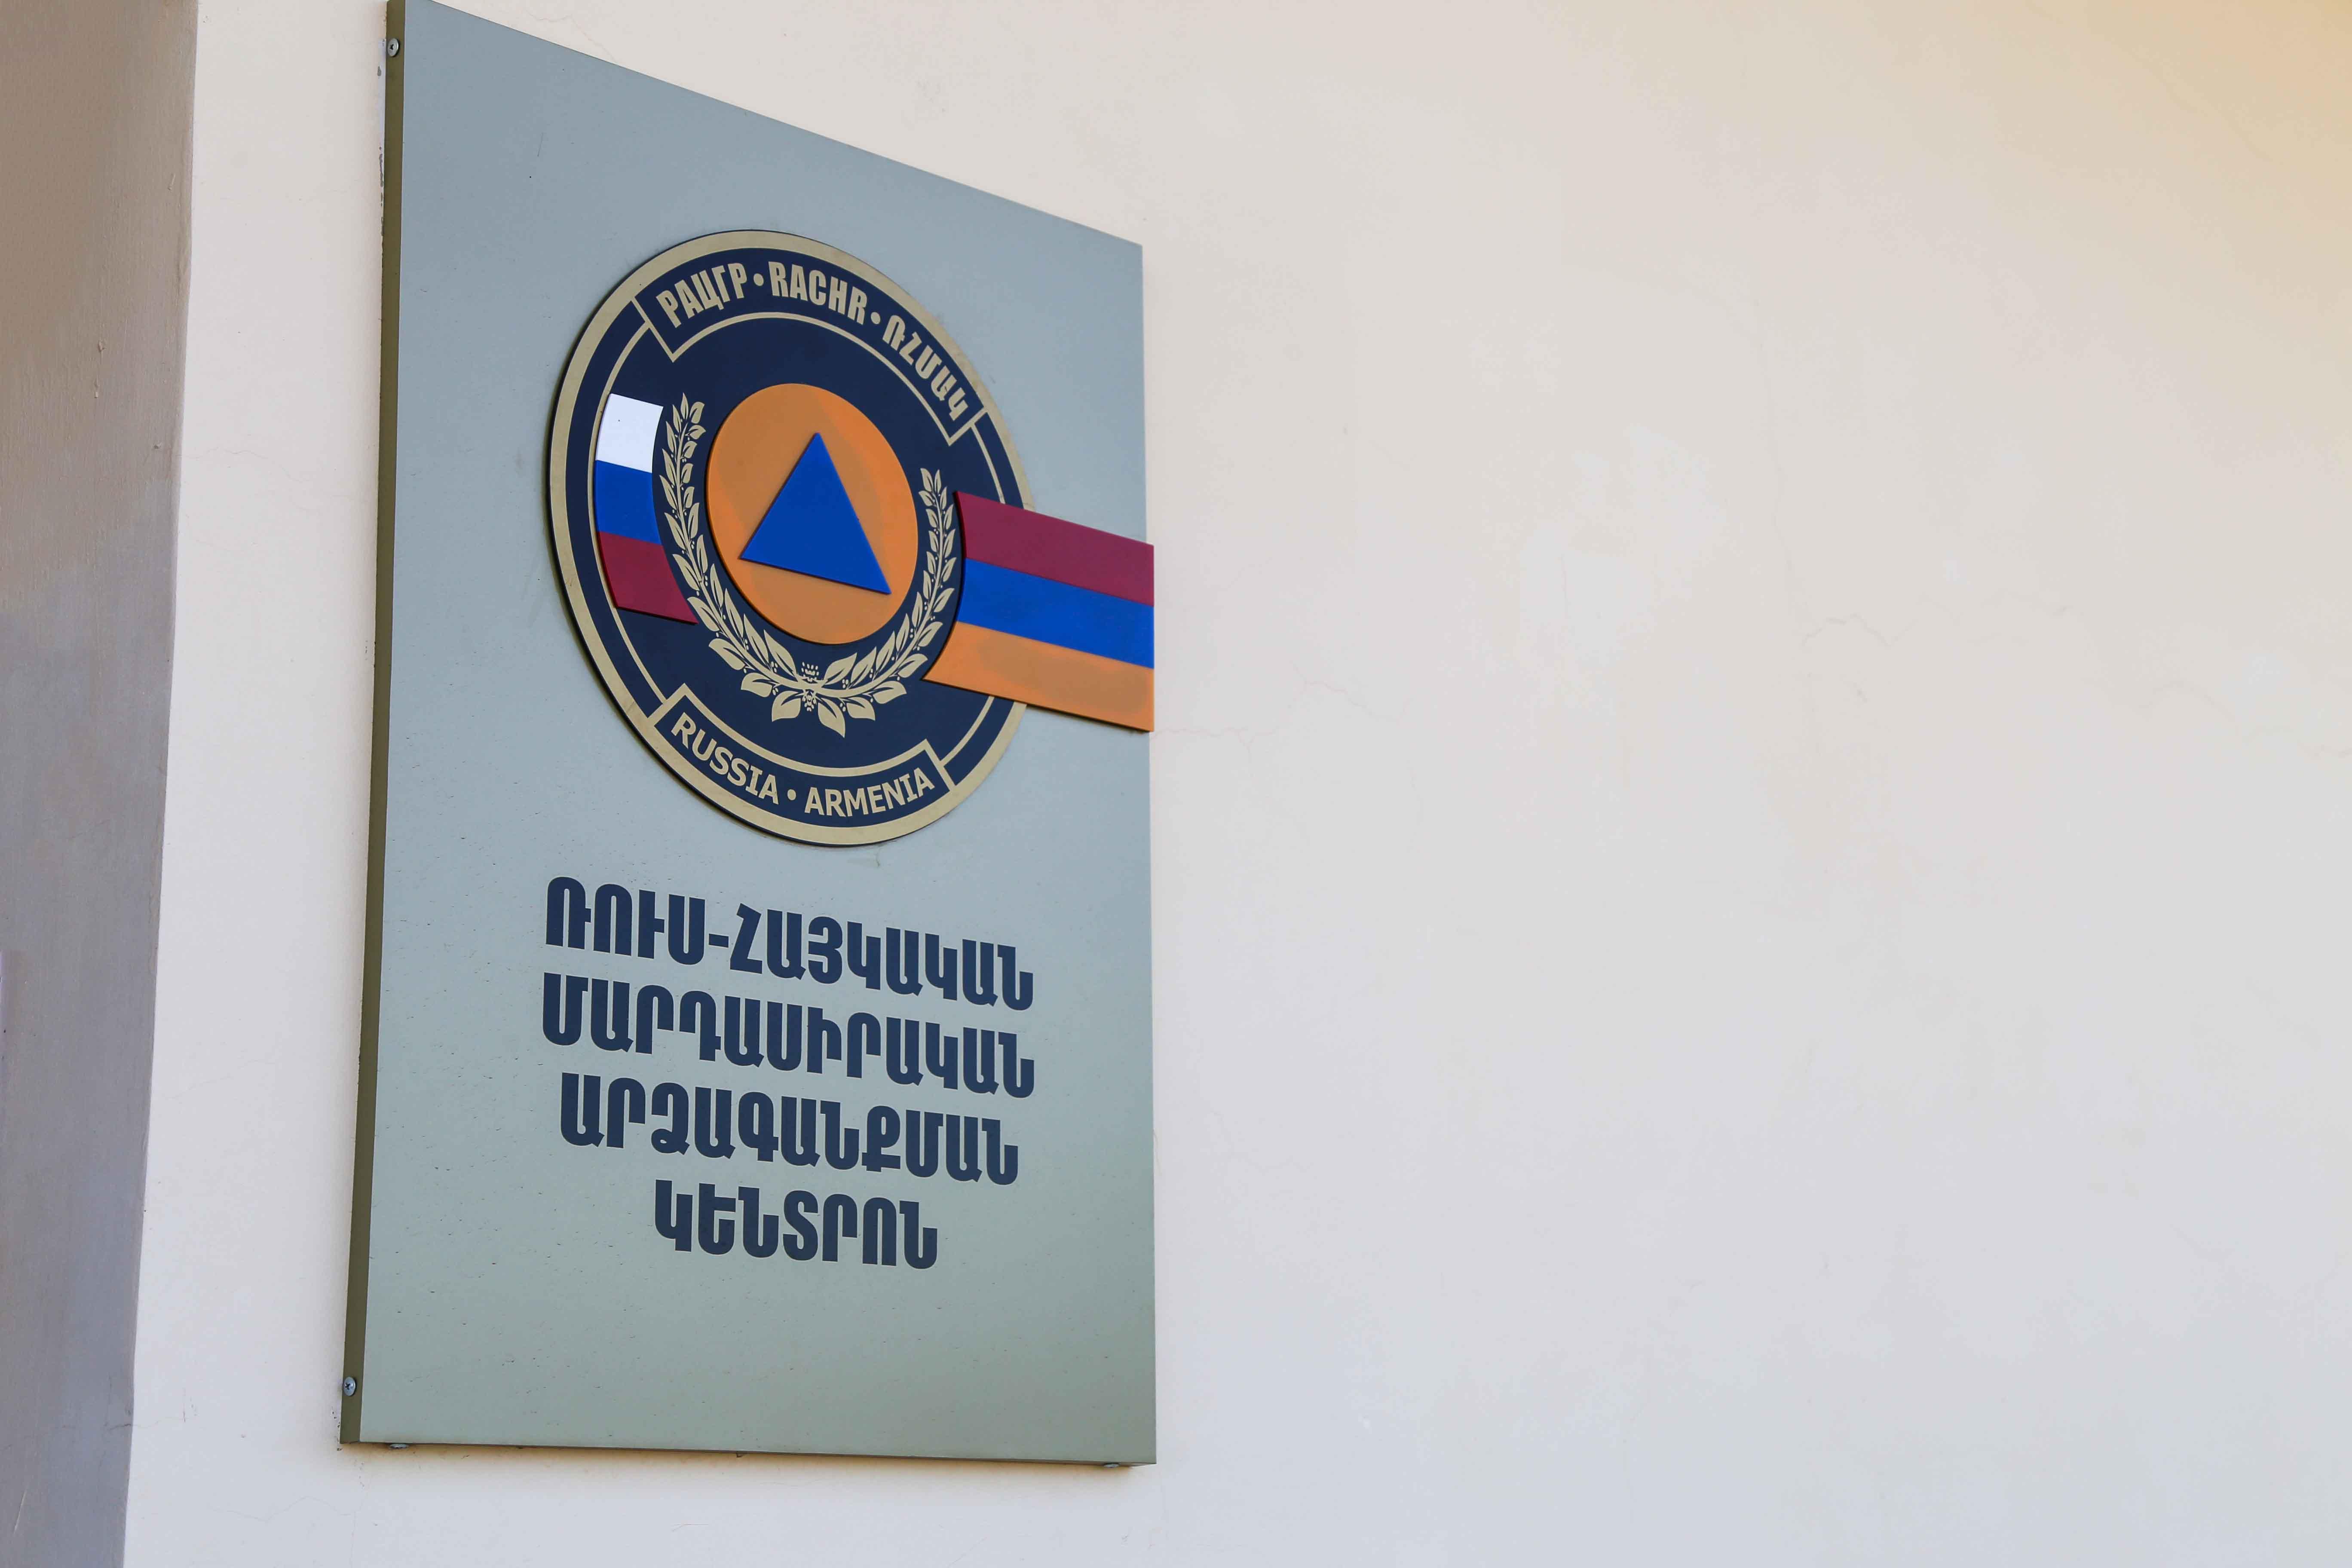 Ռուսաստանում կվերապատրաստվի եւս 10 հայ փրկարար